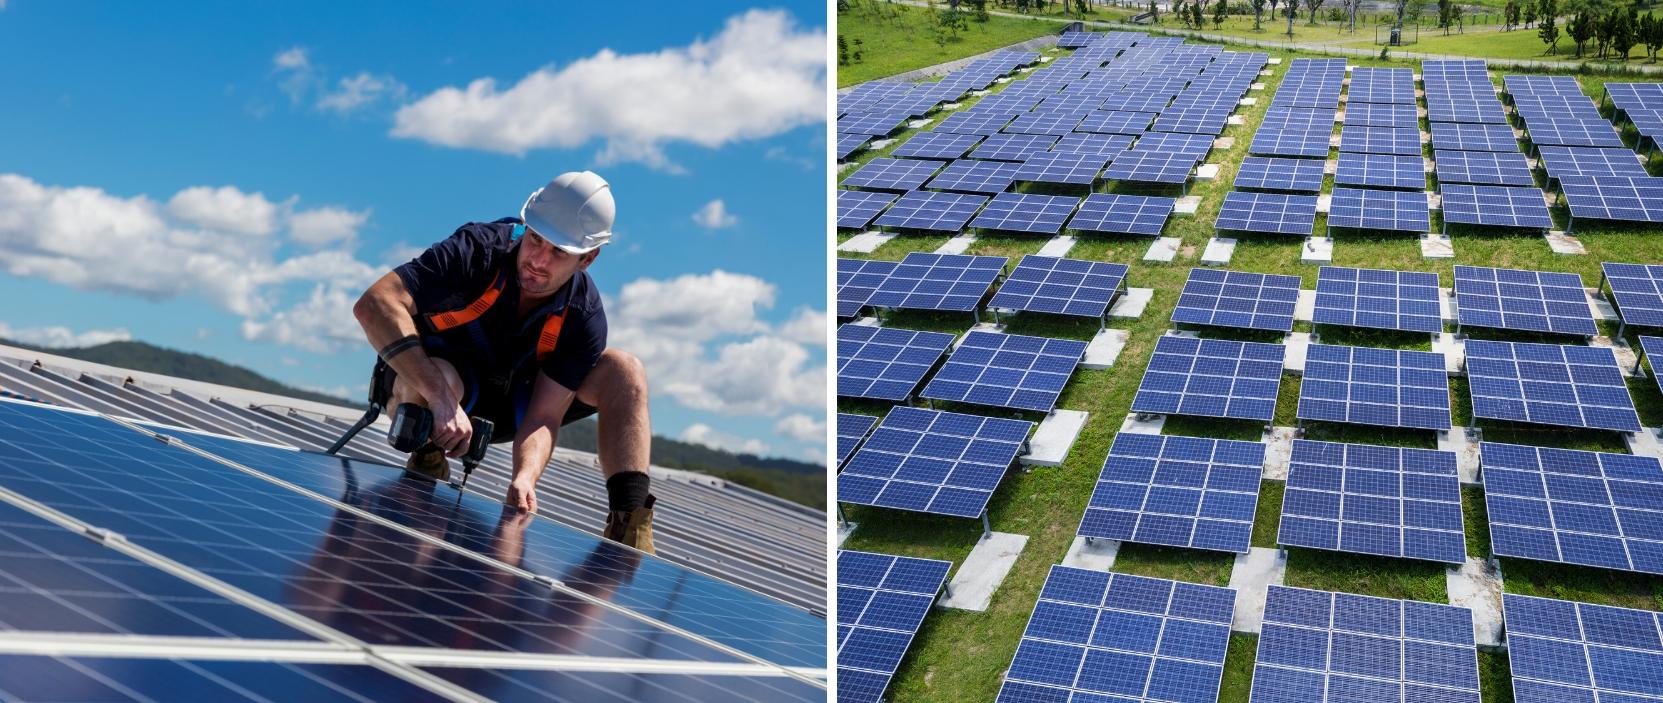 Producir energía verde con huertos solares